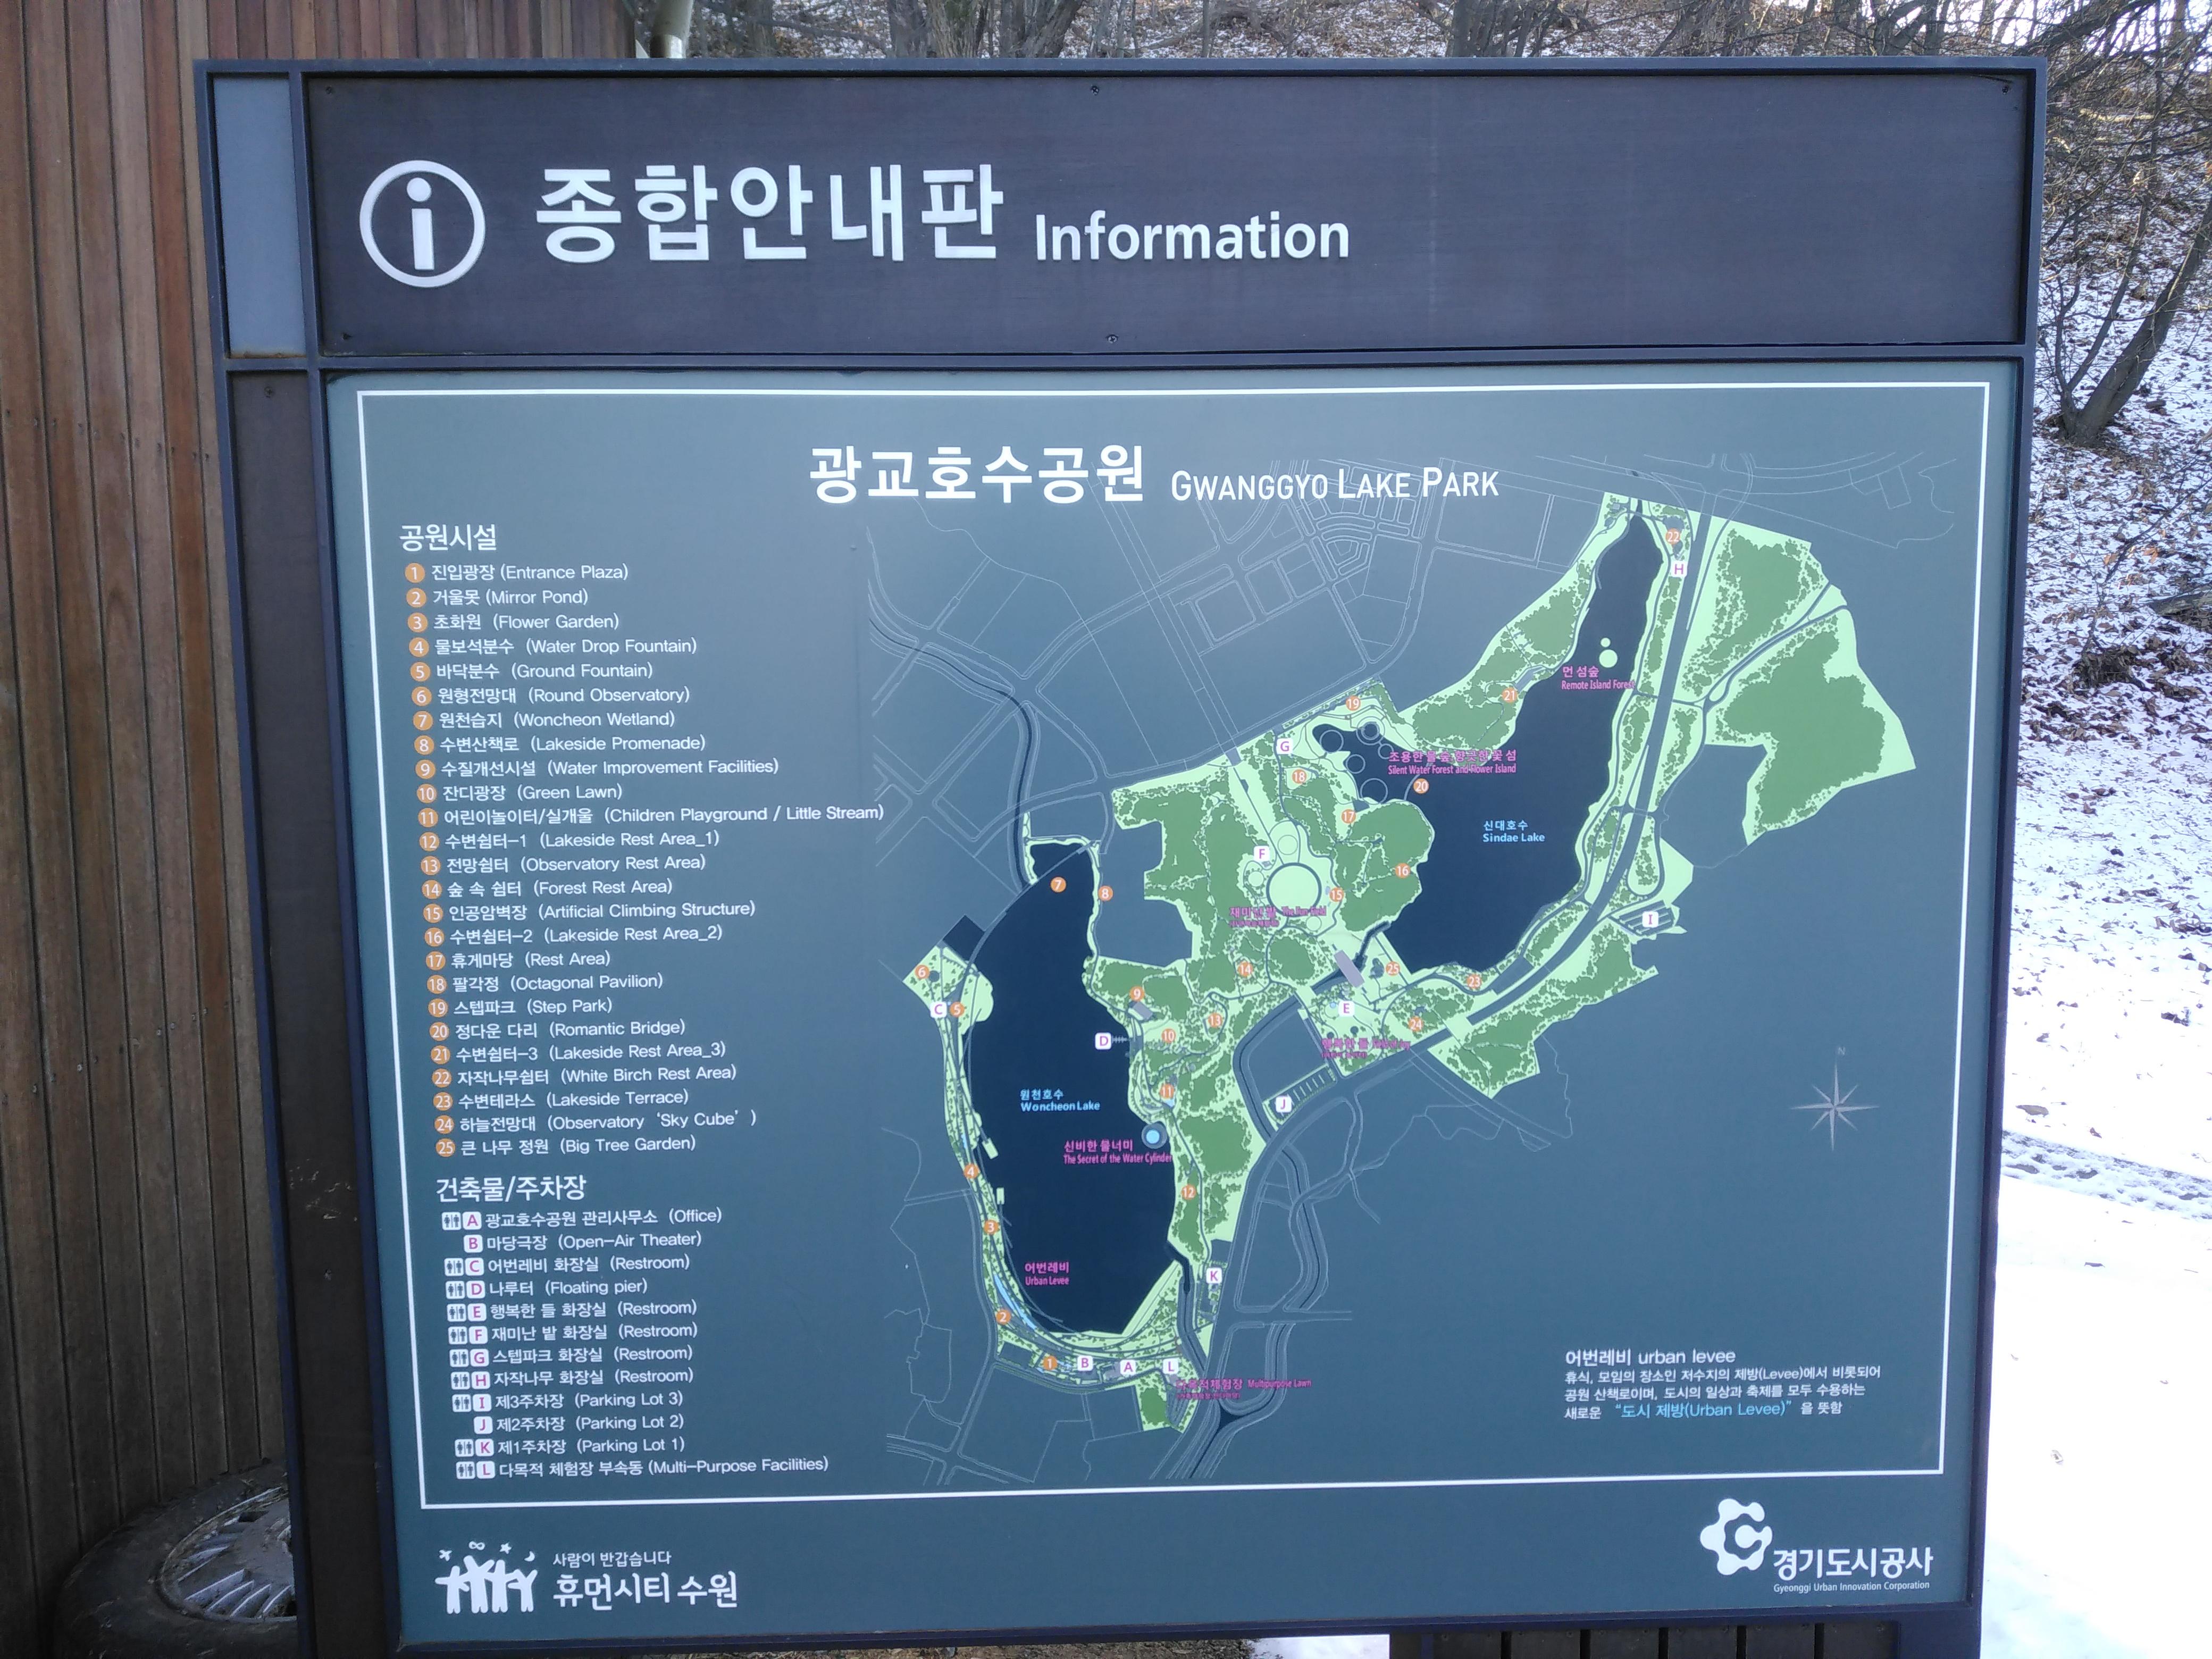 광교호수공원 종합안내판